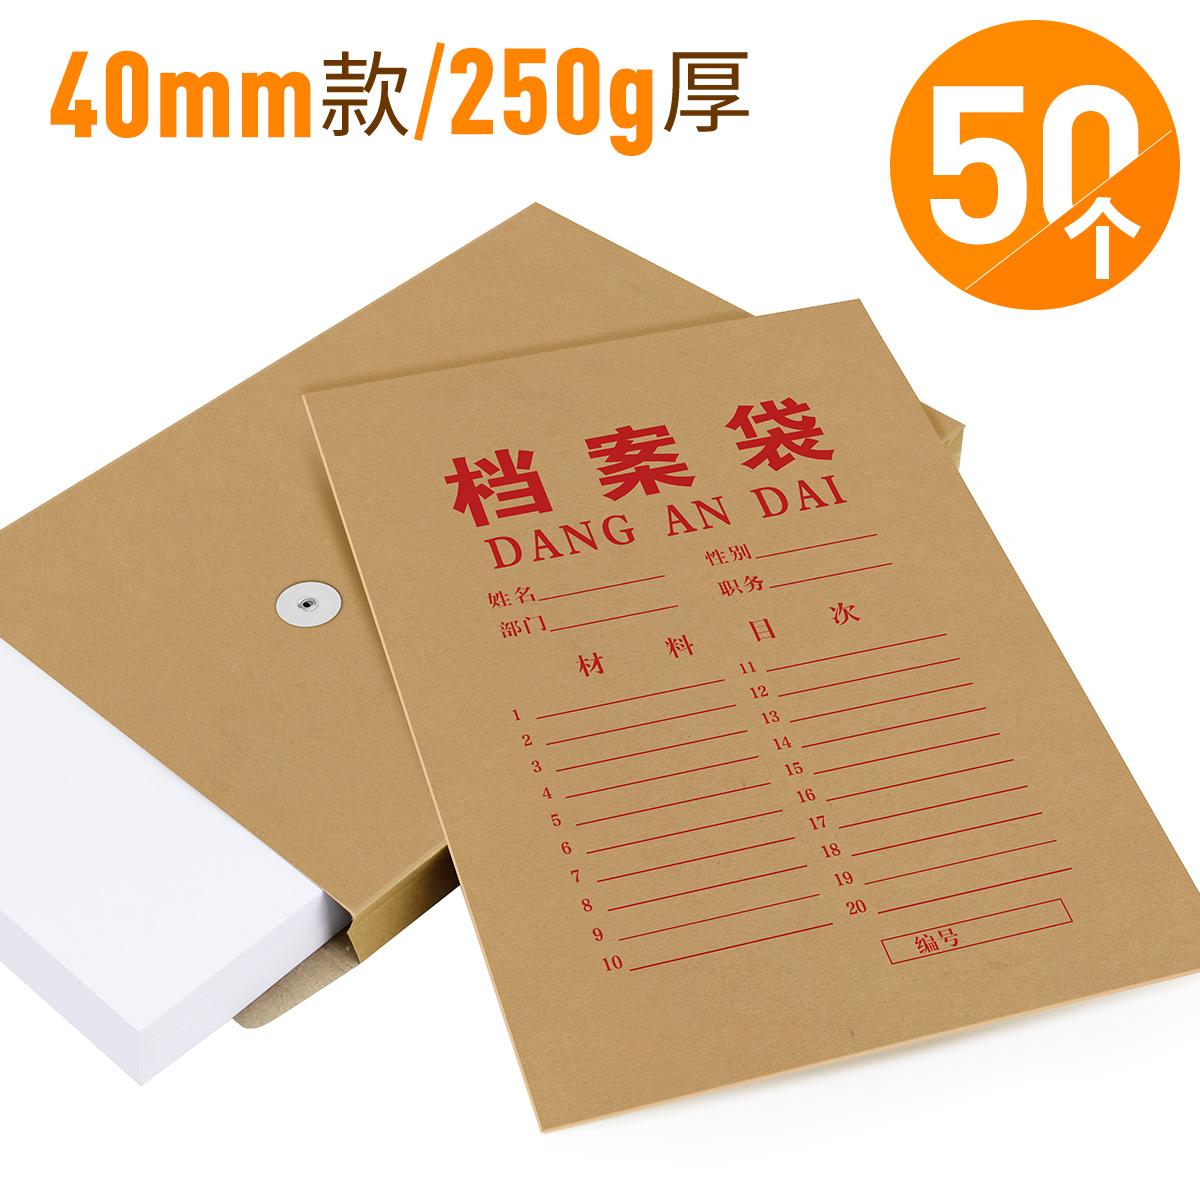 50 месяцы a4 крафт файлы дело мешок 250g сгущаться файл данные литье знак книга близко одинаковый офис статьи оптовая торговля 4cm